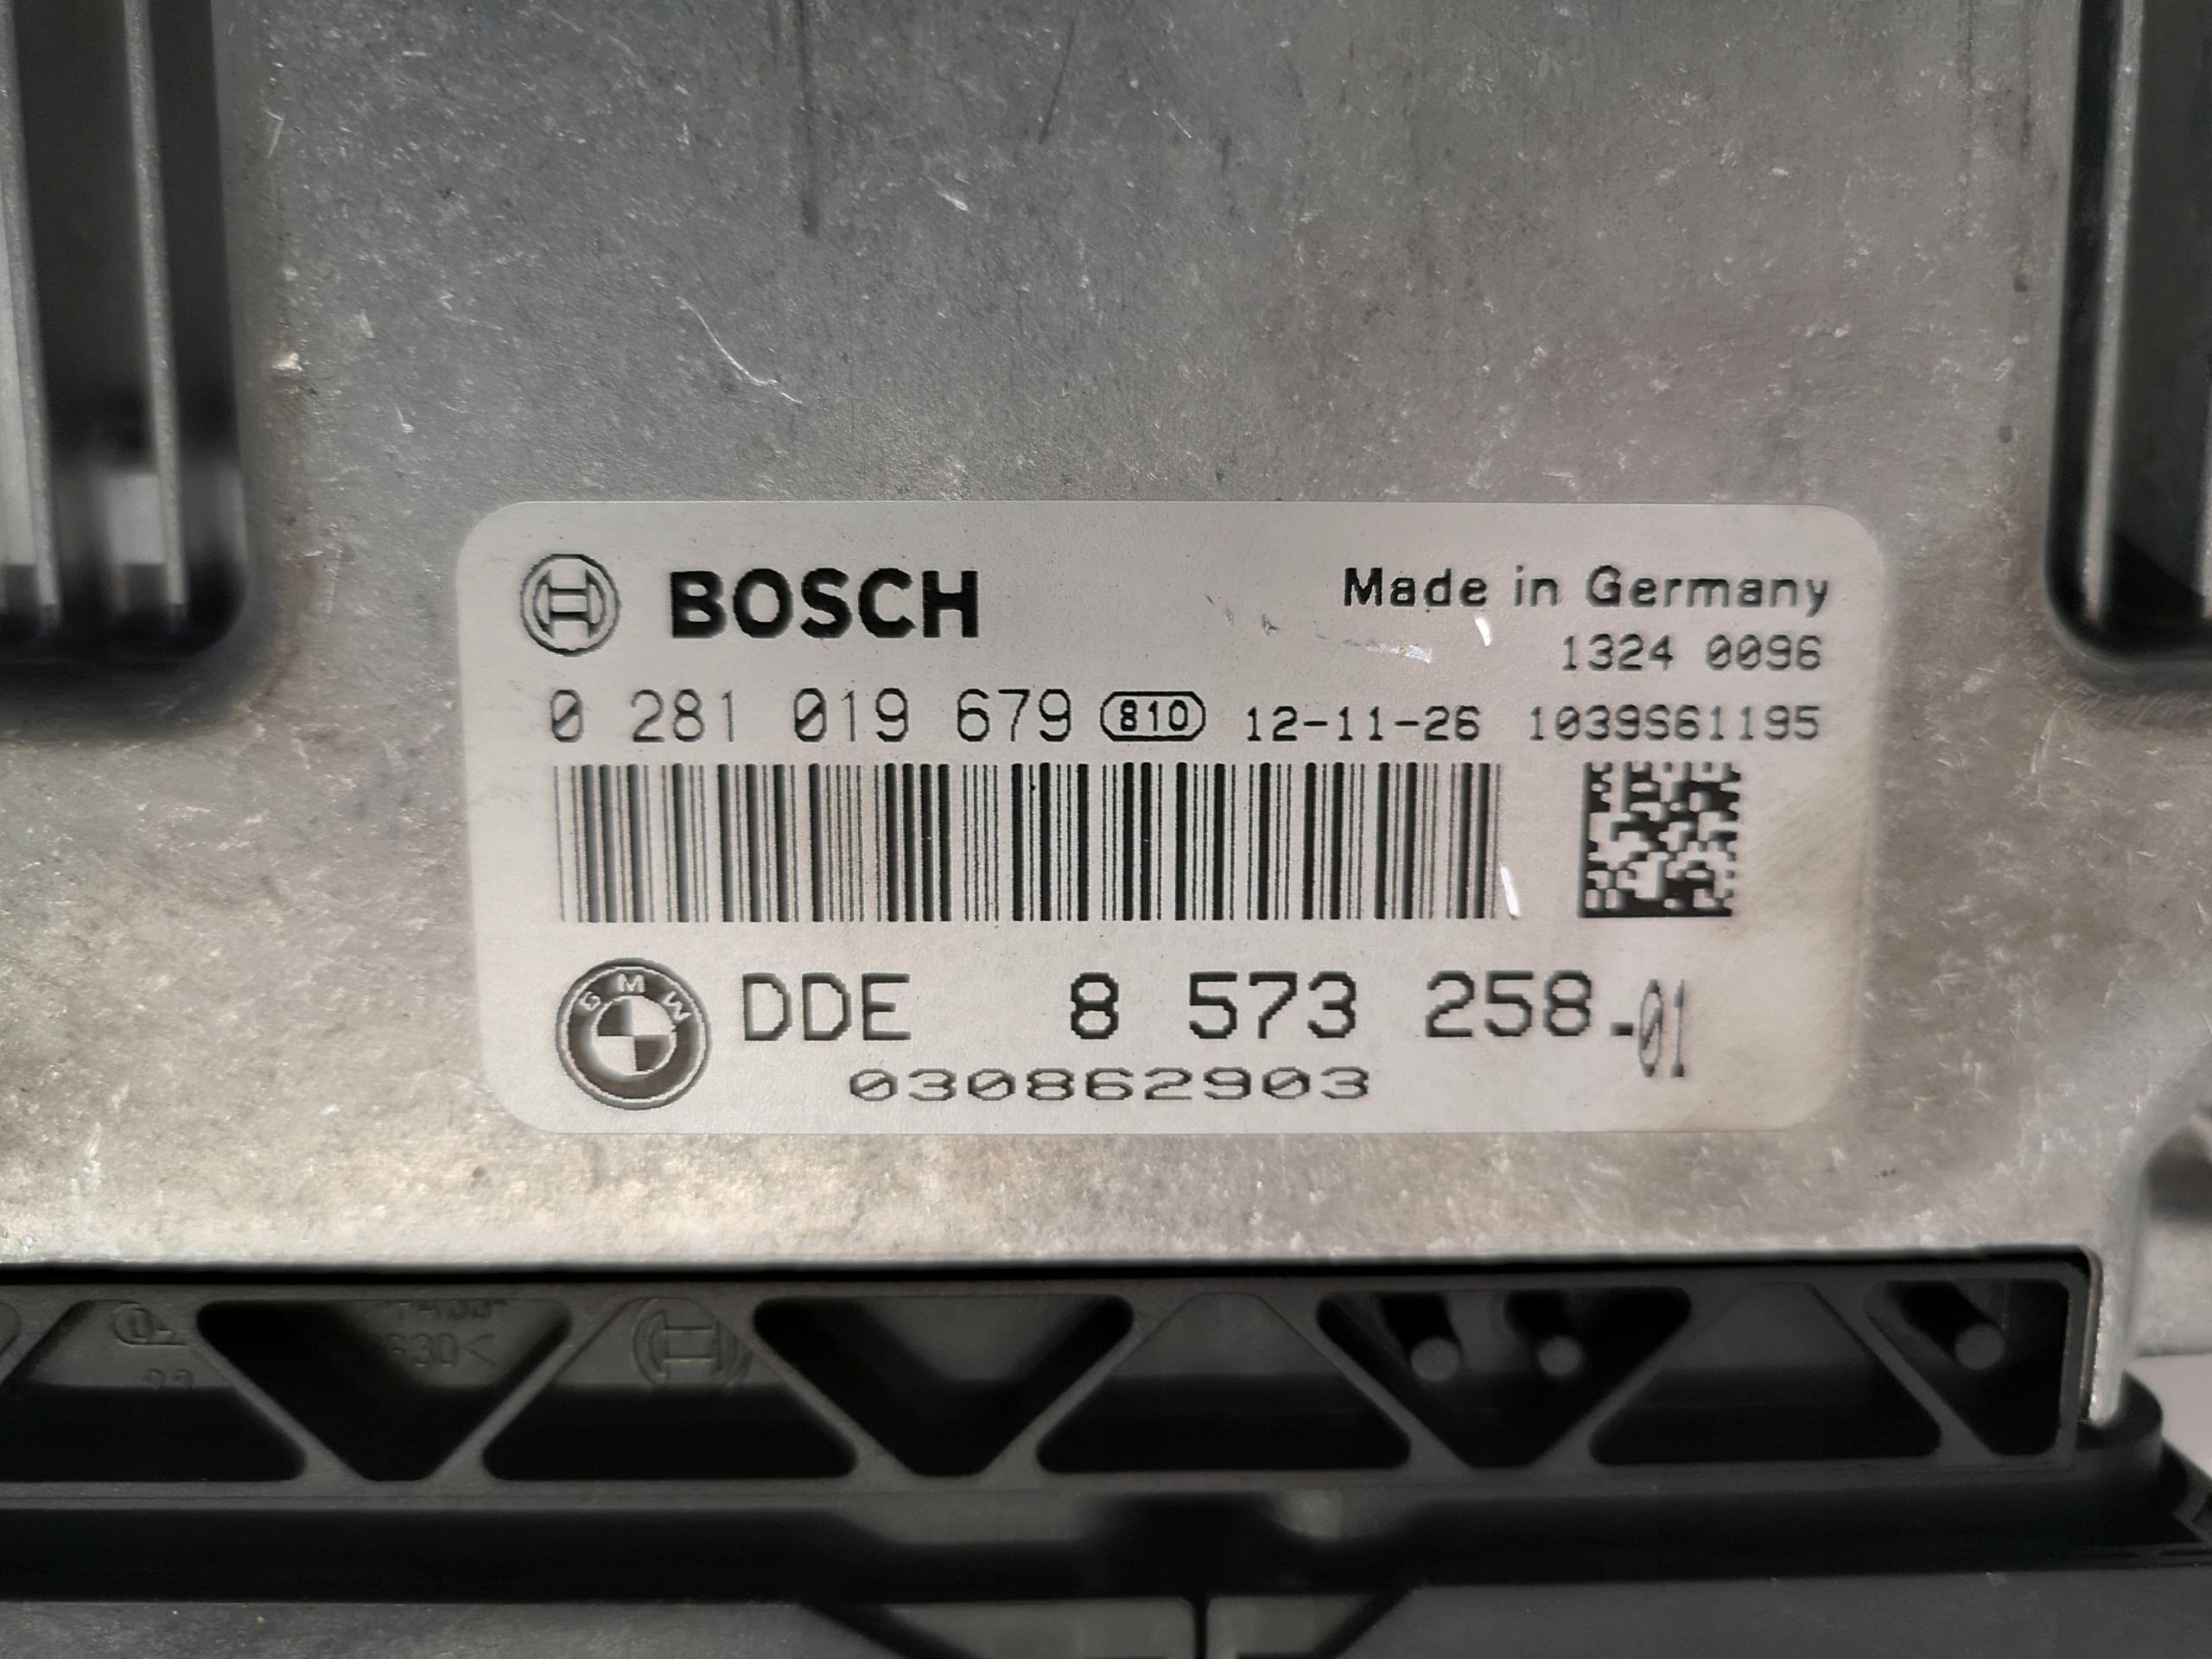 Изображение BMW F30 F31 РЕГУЛЯТОР МОТОРА 2.0D 8573258